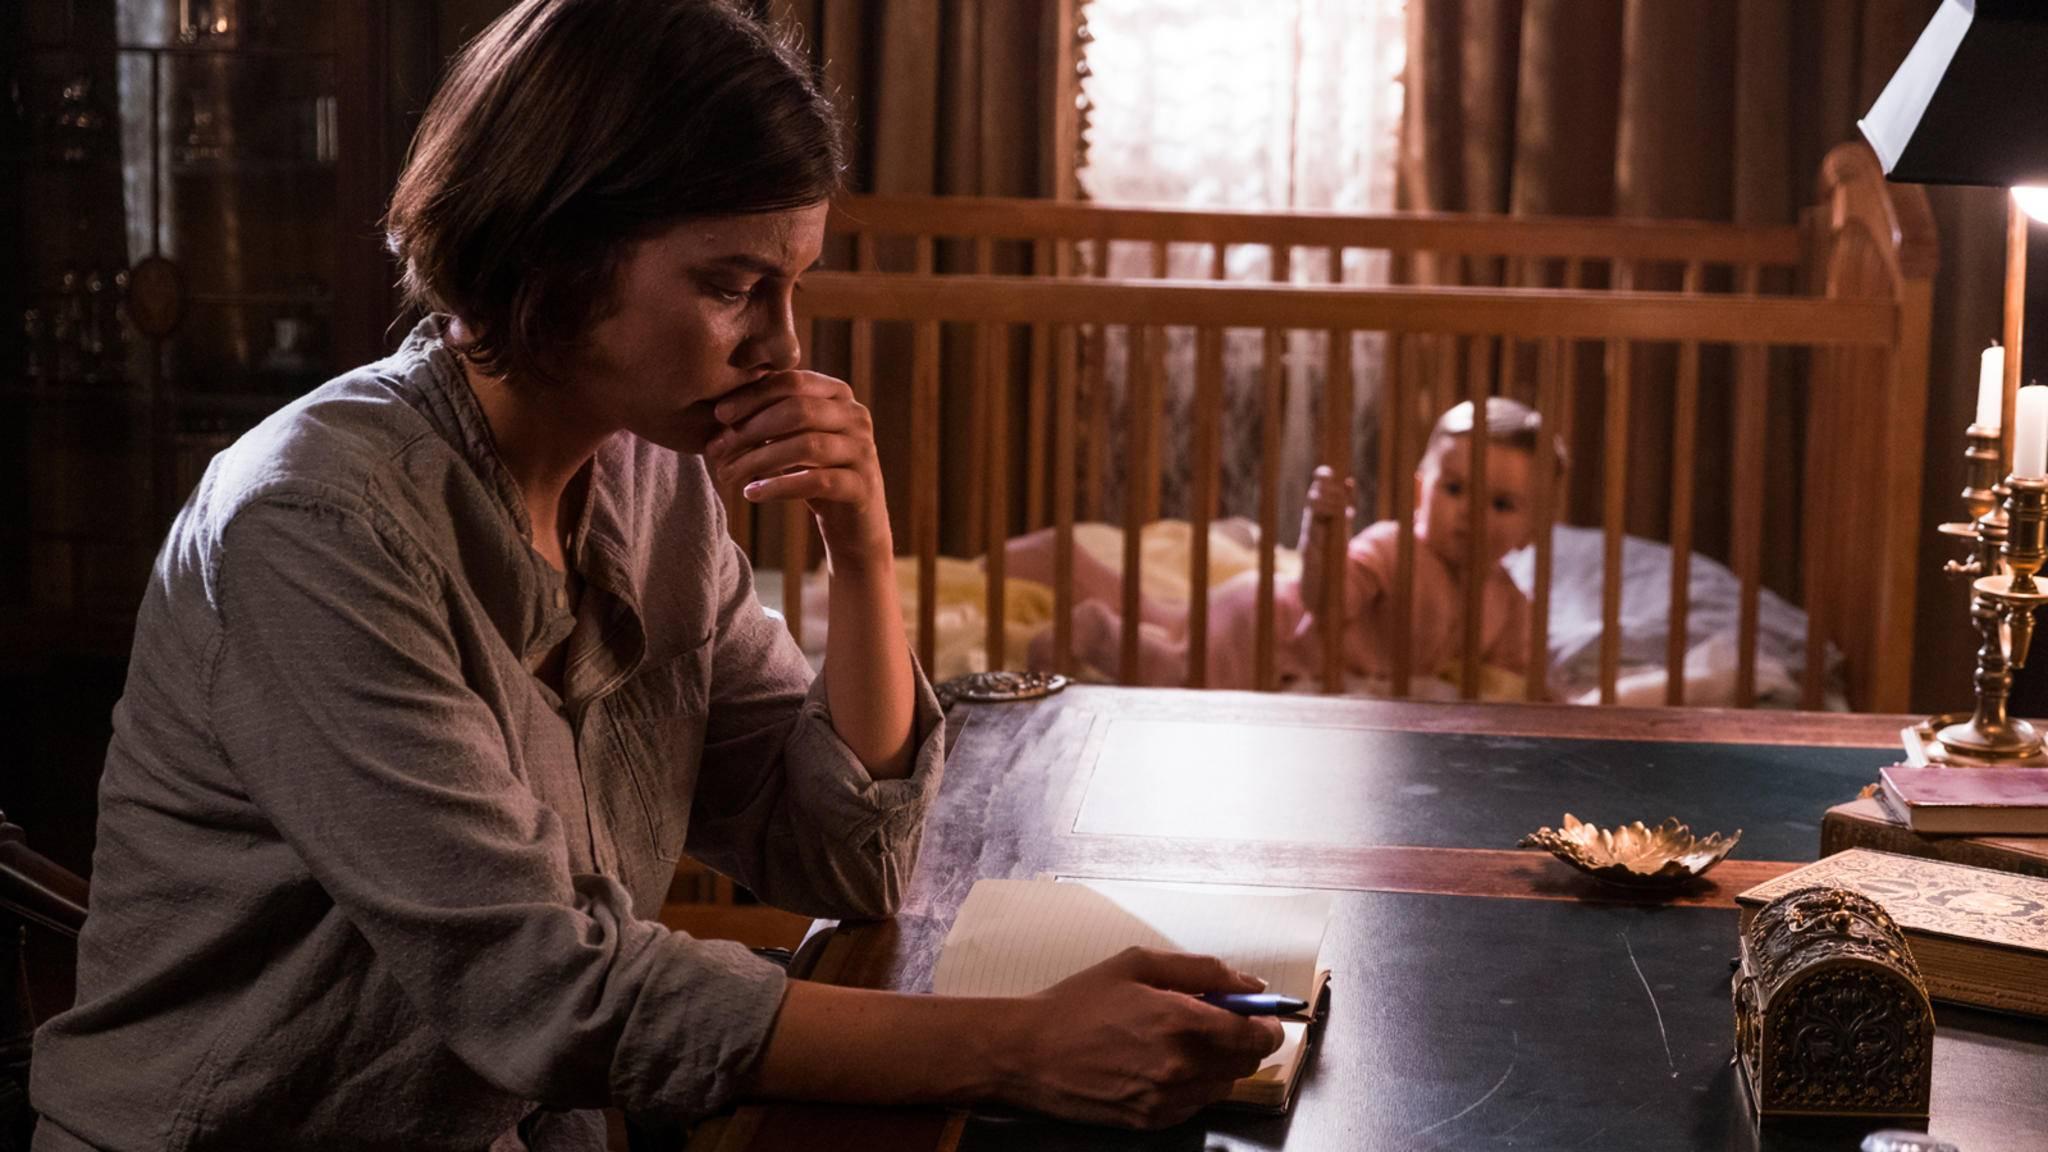 Nein, das im Hintergrund ist leider noch nicht Maggies Baby.